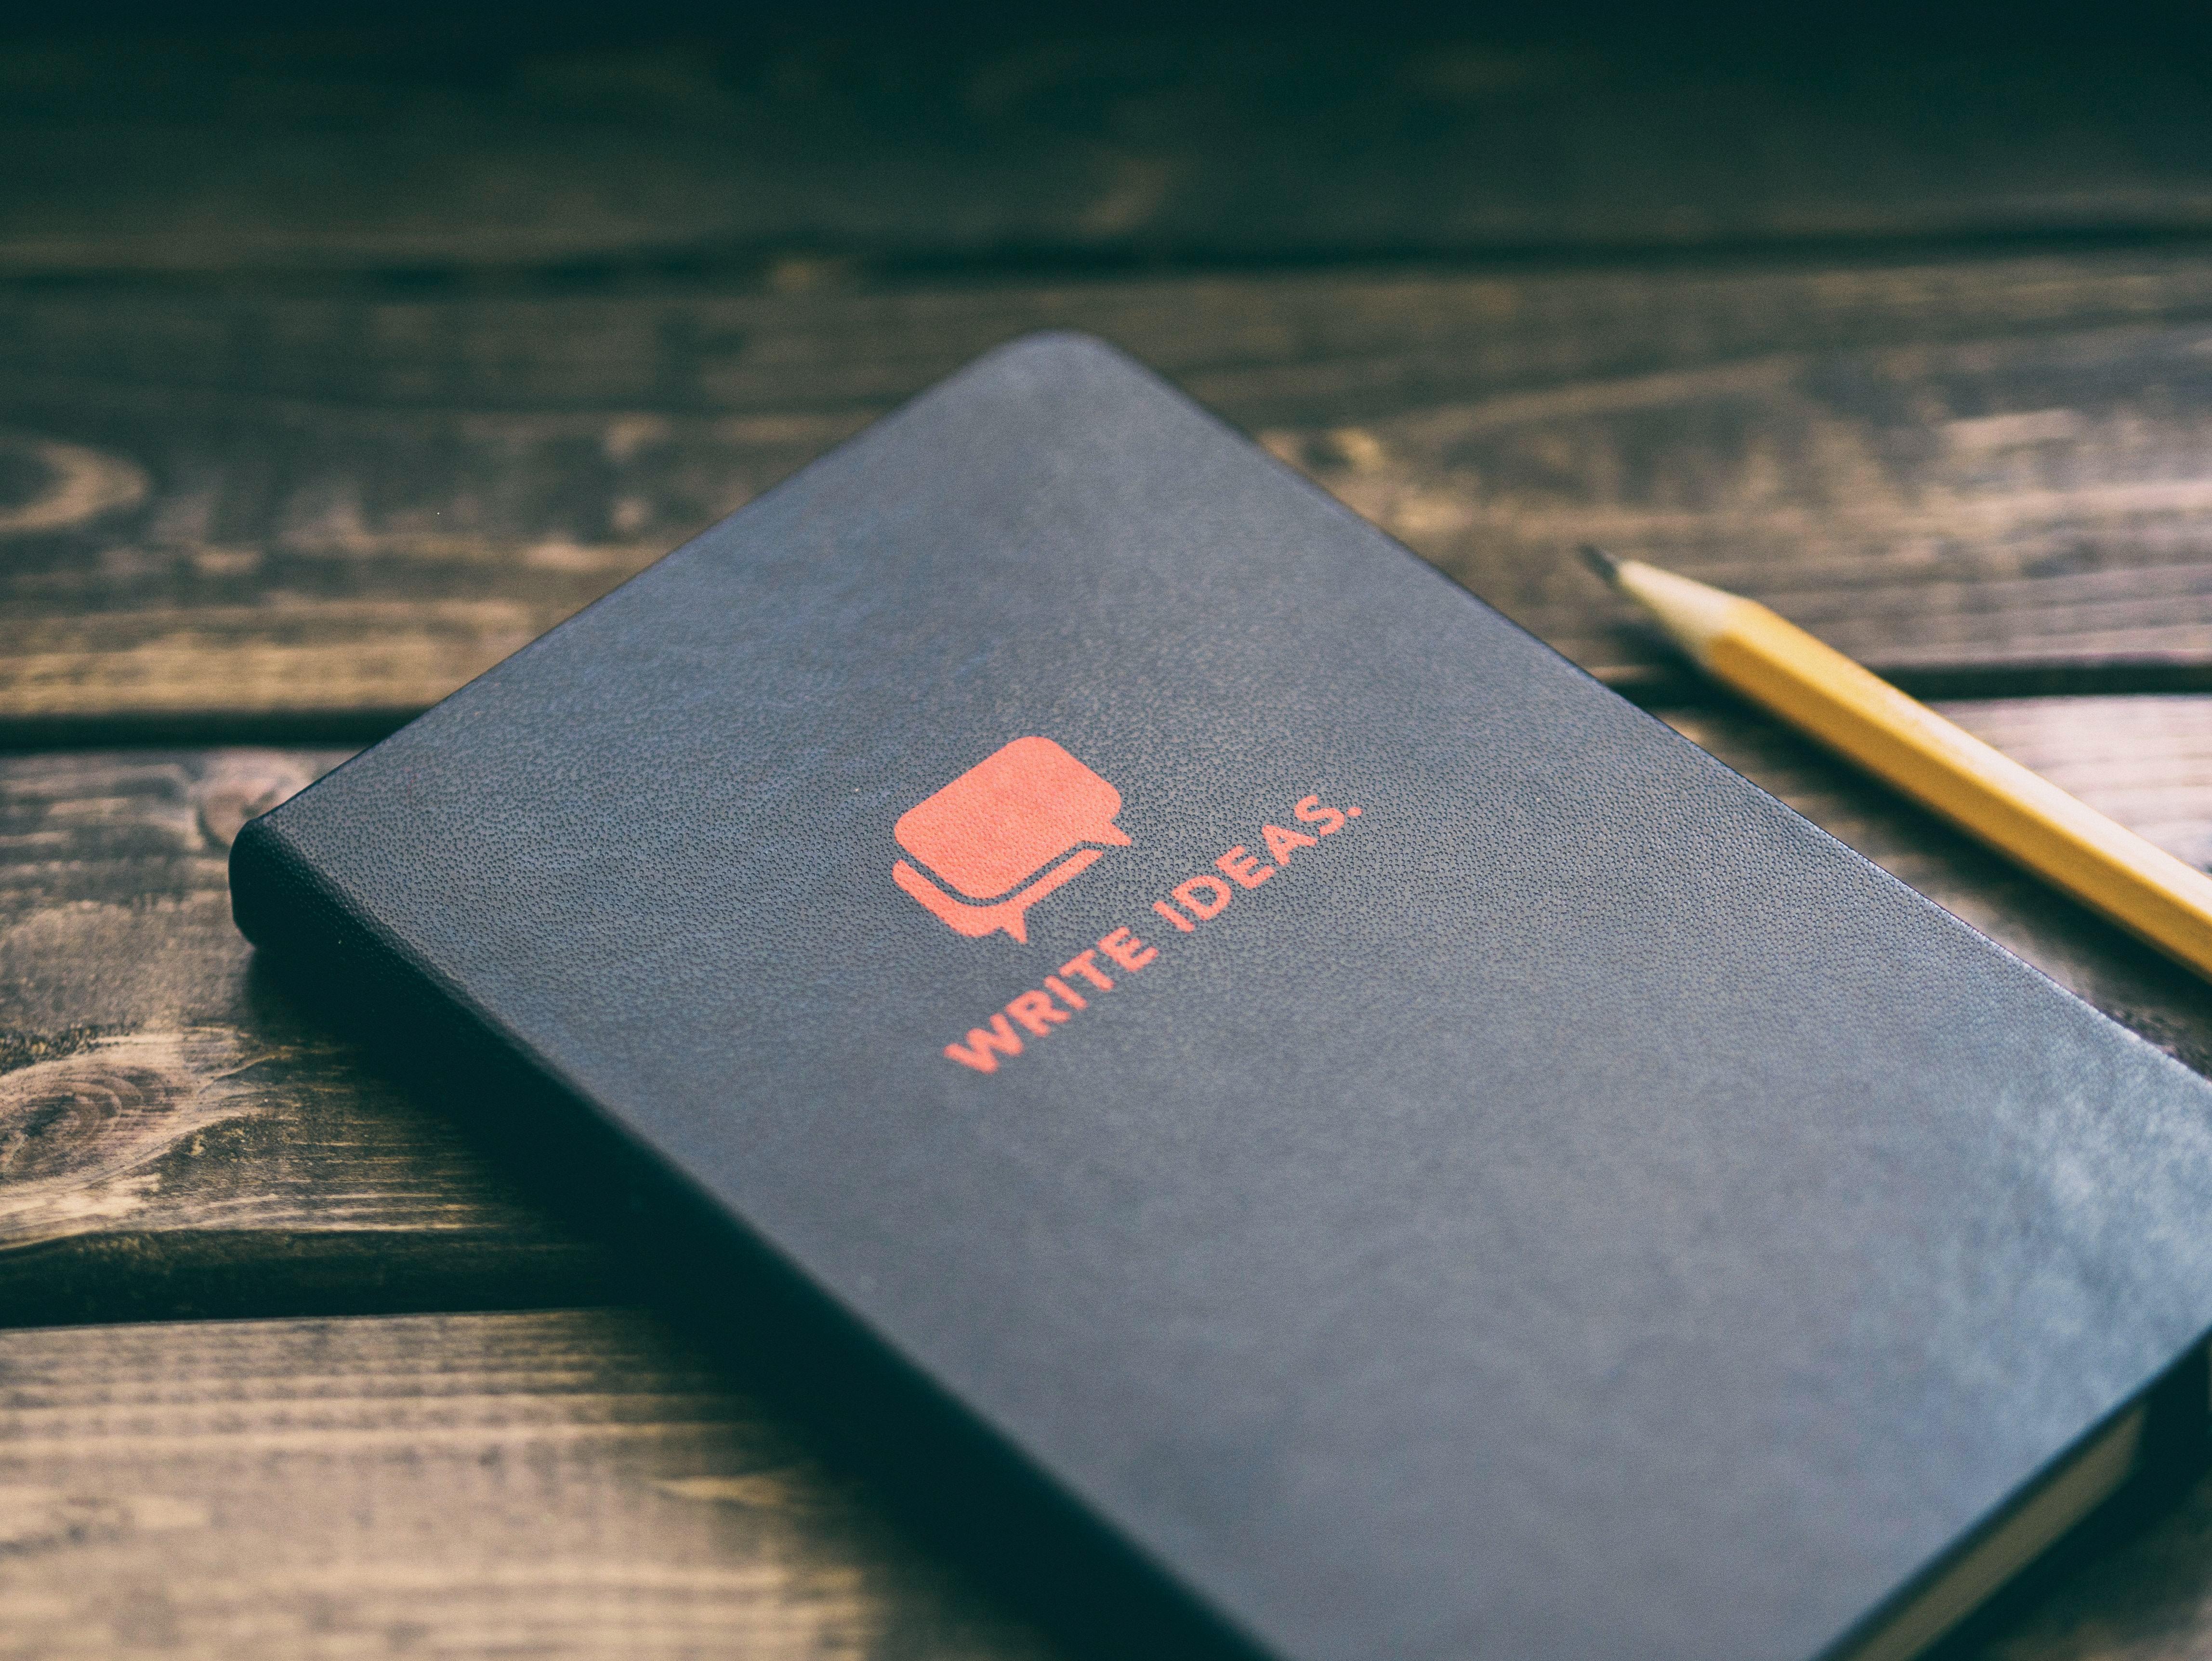 רקע כללי ומידע מעשי לכתיבת דרשה